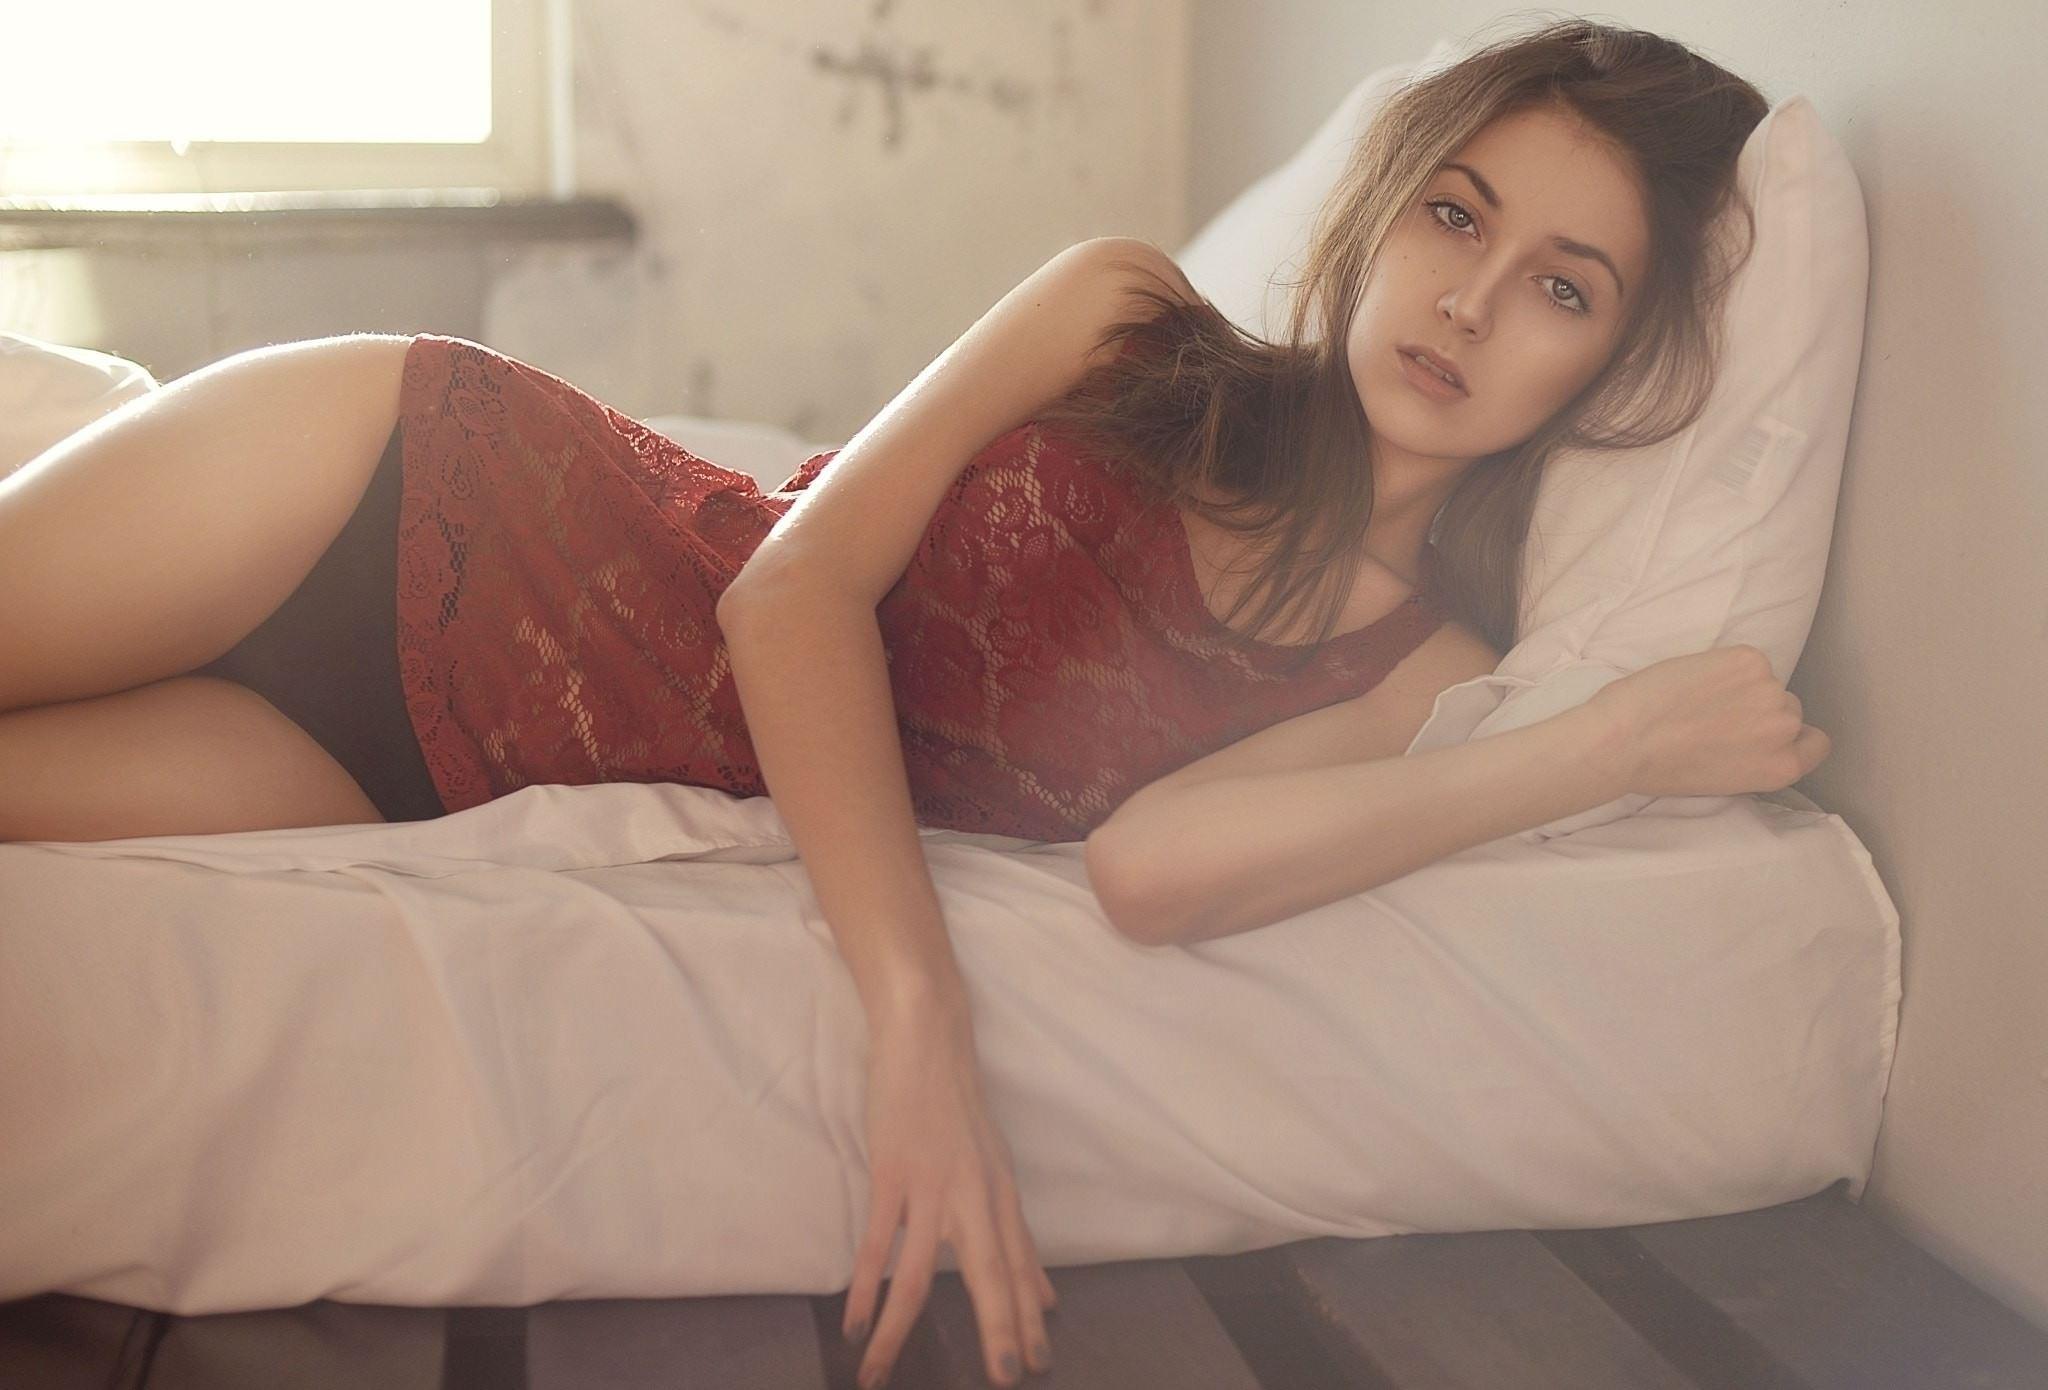 Фото Девушка в бордовой ночнушке и черных трусиках в постели, утро, скачать картинку бесплатно